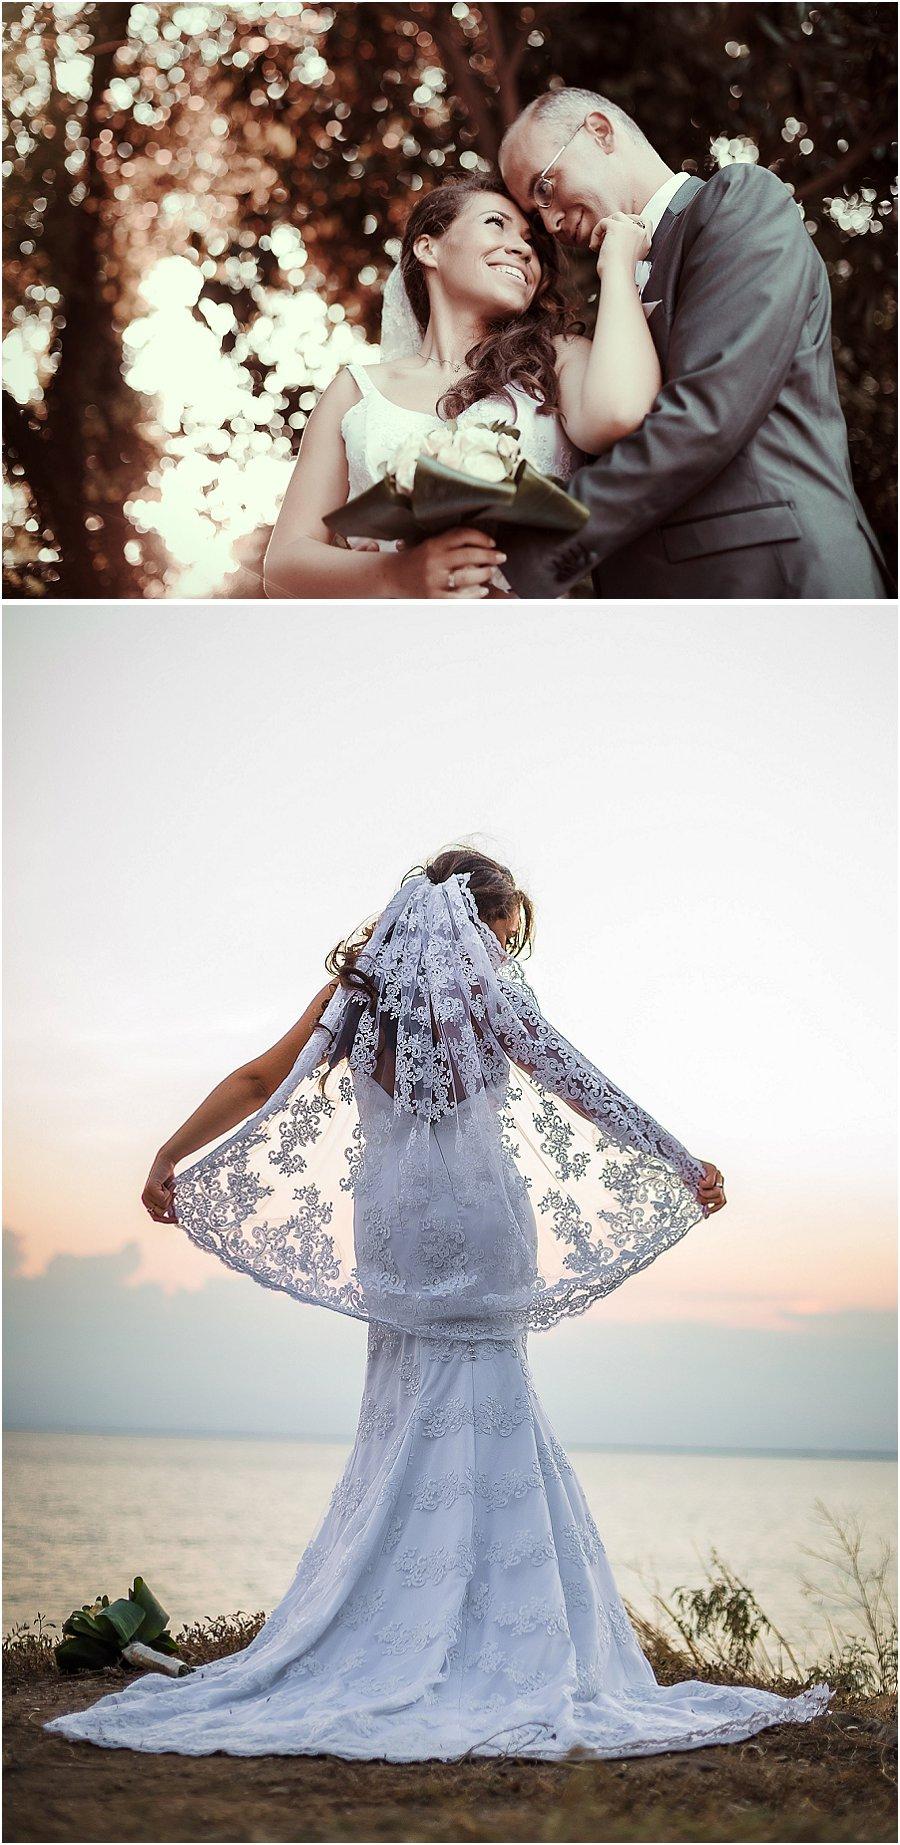 Φωτογράφηση γάμου,Vintage,Θεσσαλονίκη